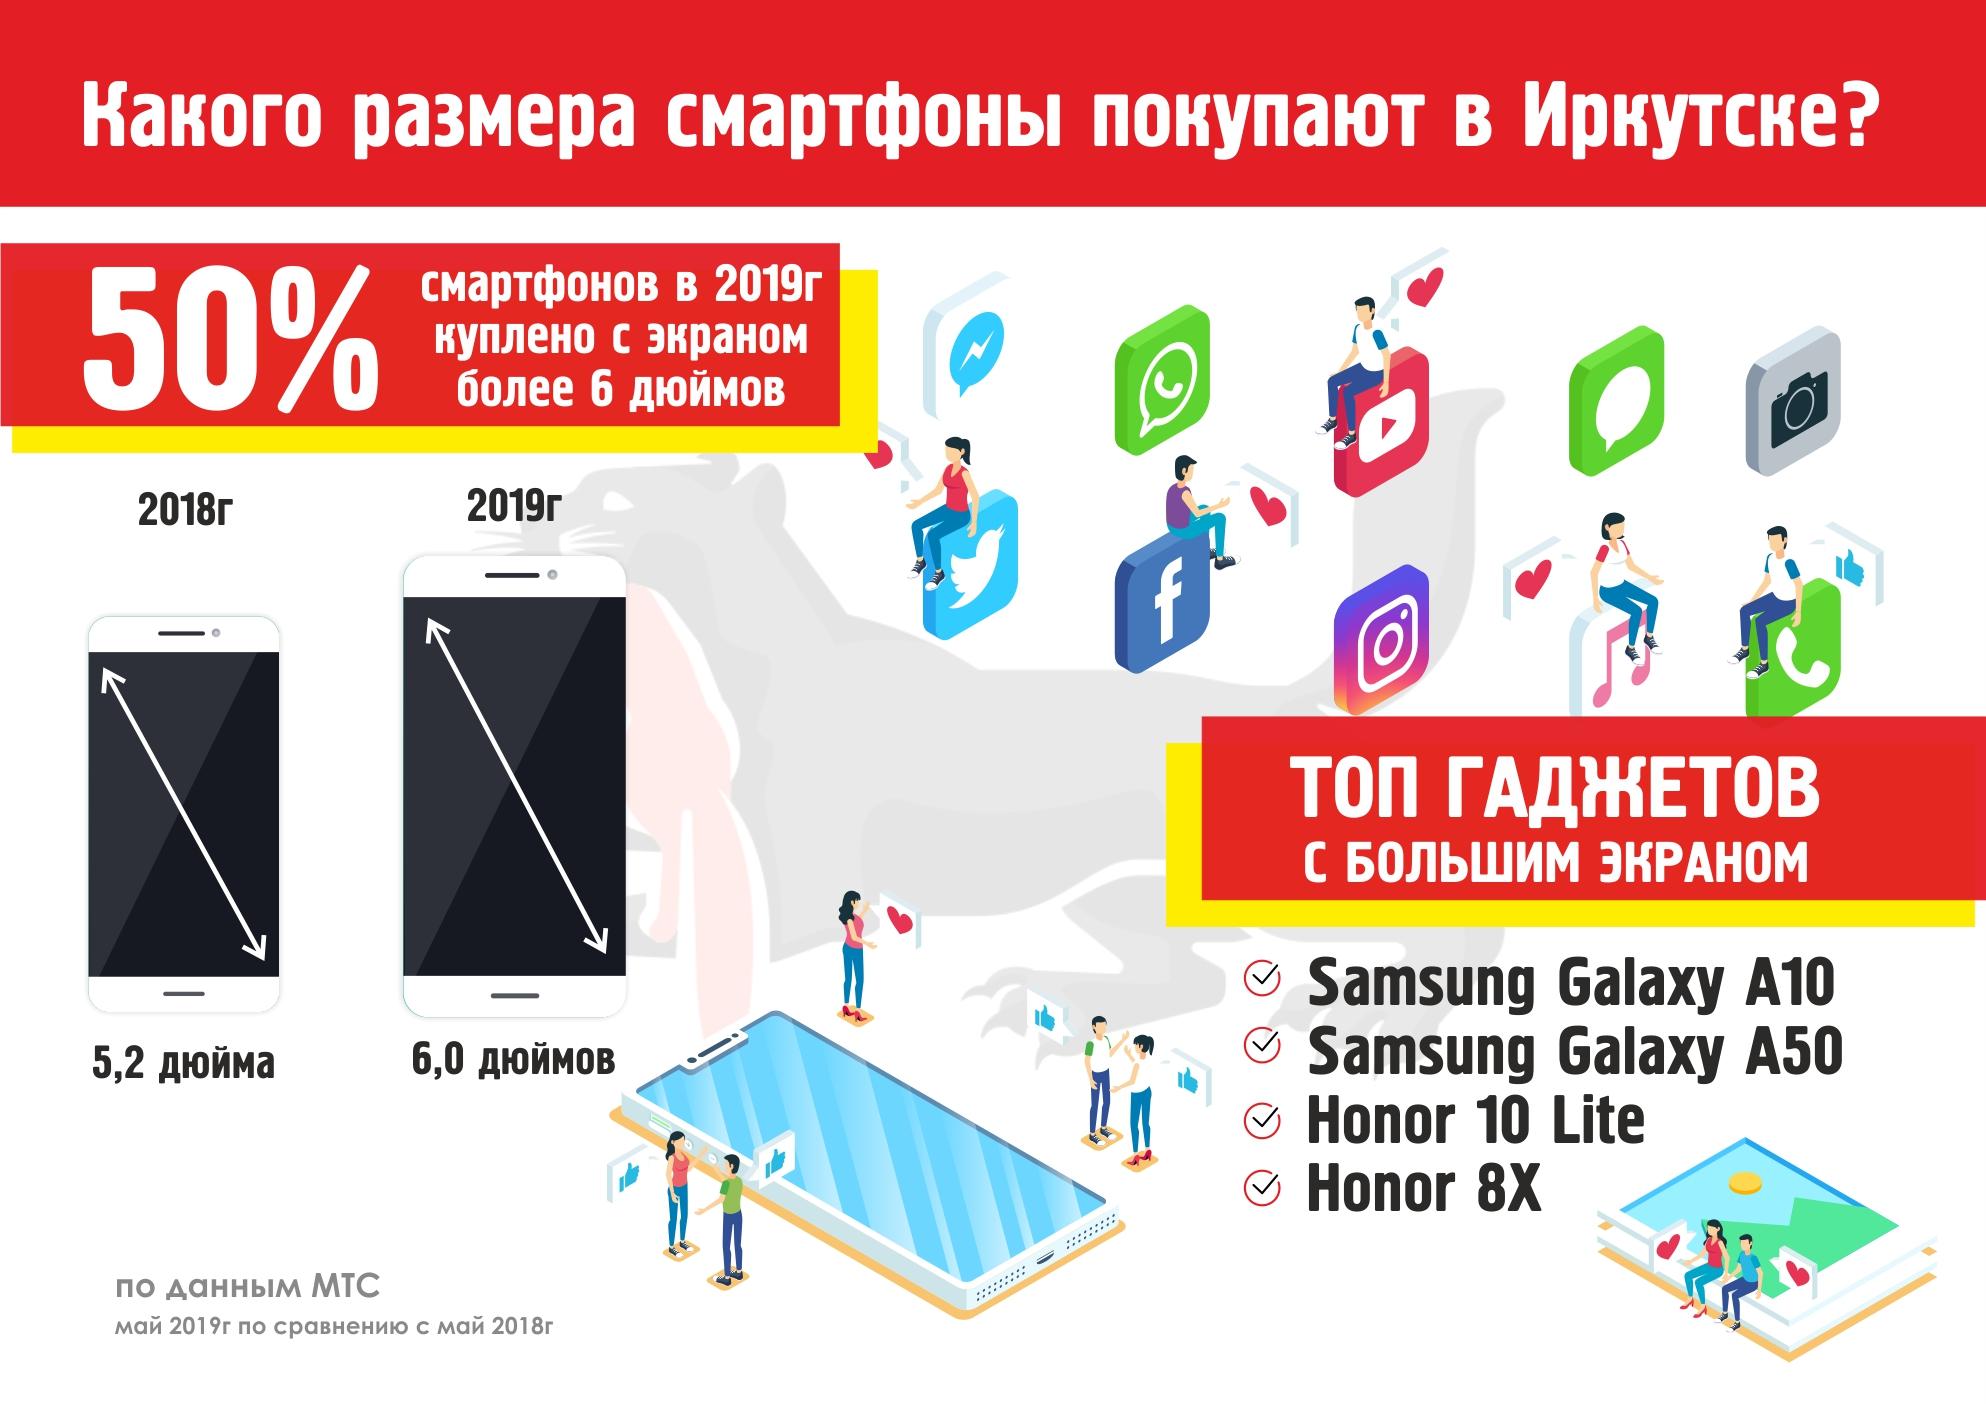 Инфографика: какого размера смартфоны покупают в Иркутске